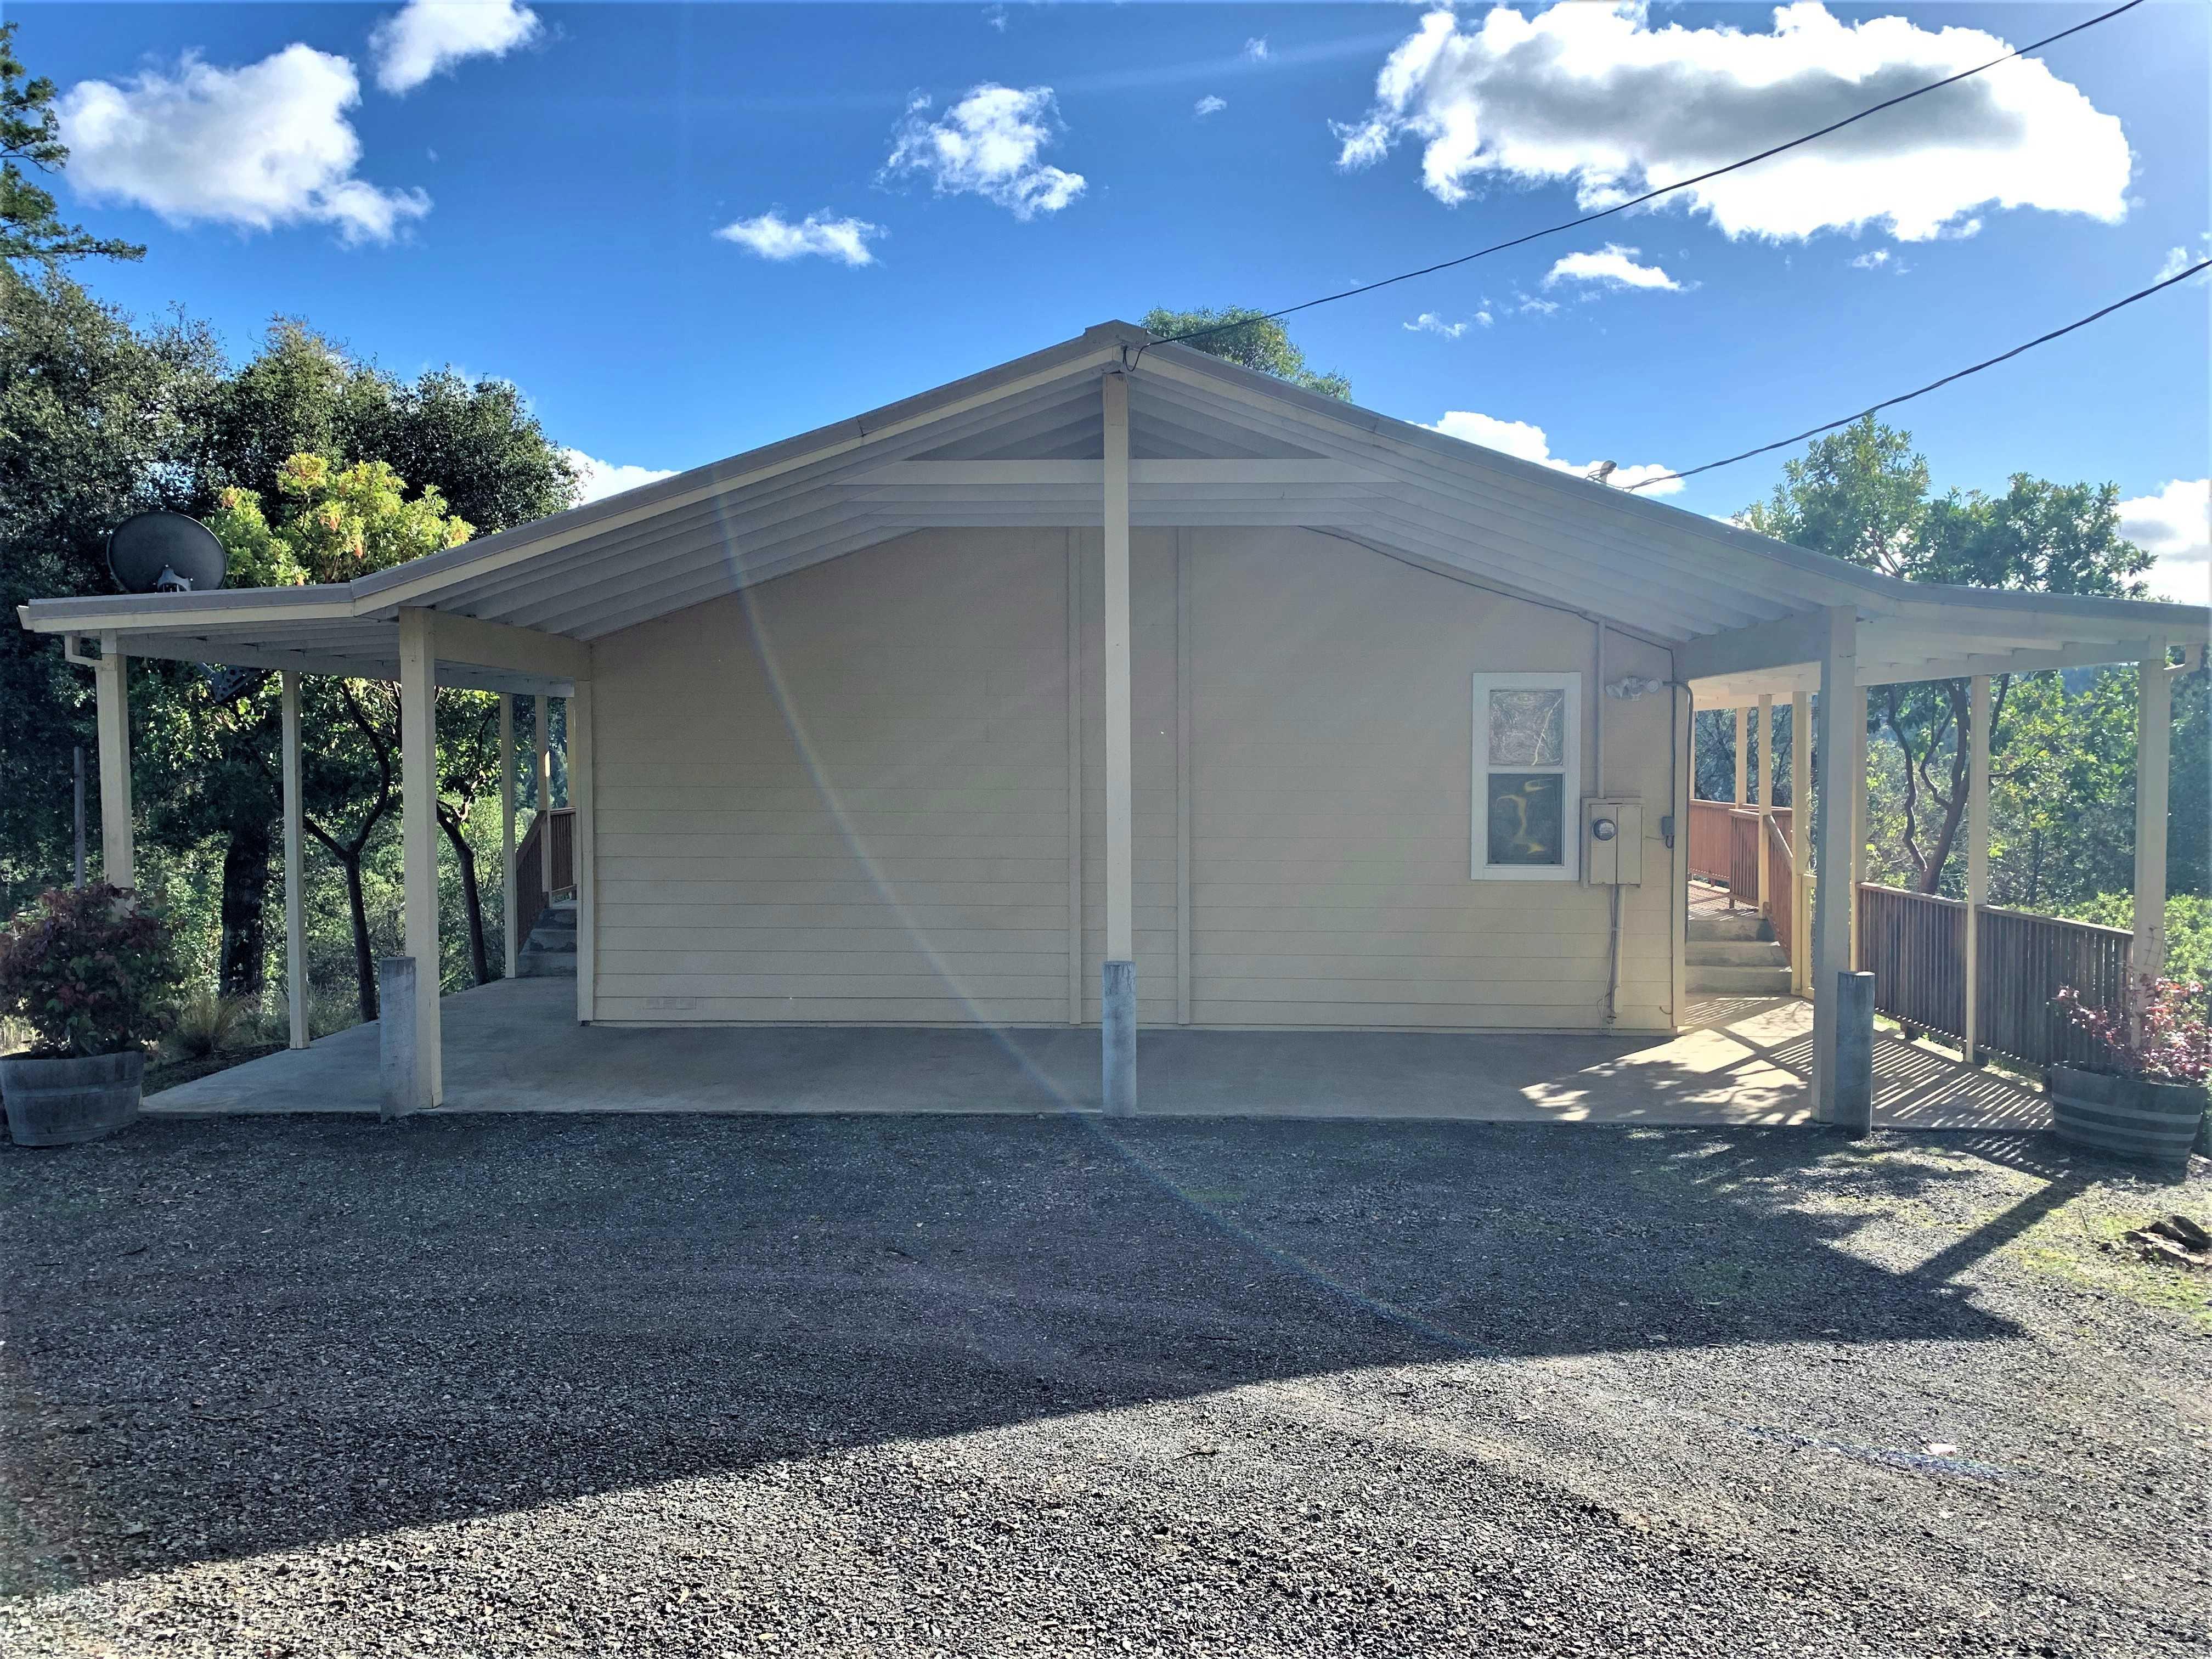 0000 Mill Creek Rd, Healdsburg, CA, 95448 - 21